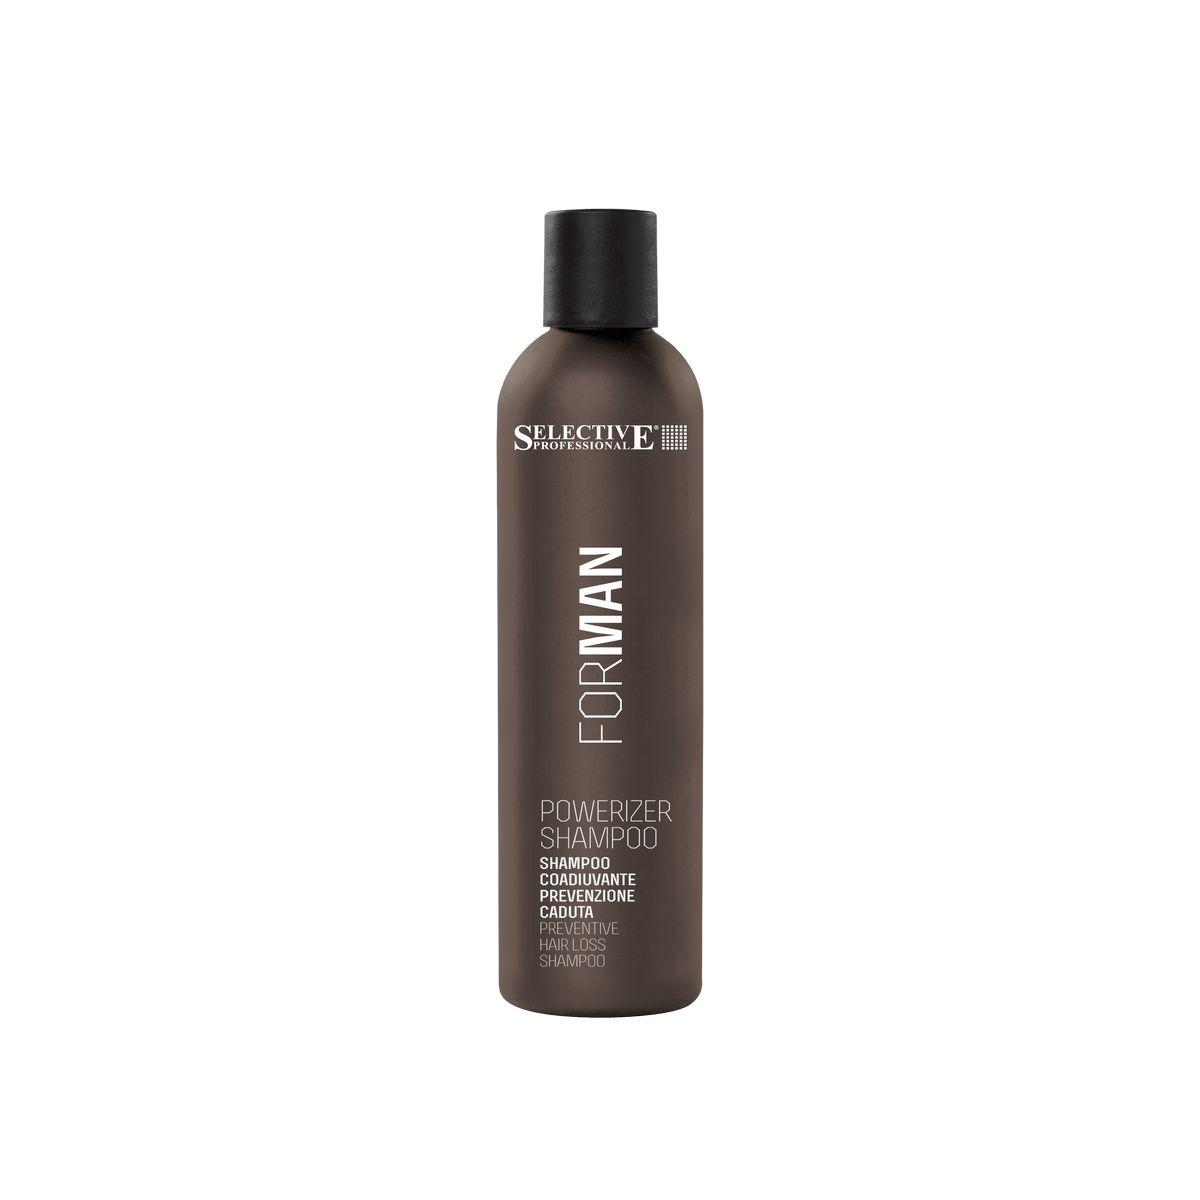 Шампунь для волос SELECTIVE PROFESSIONAL Powerizer + selective professional шампунь powerizer против выпадения волос 250 мл